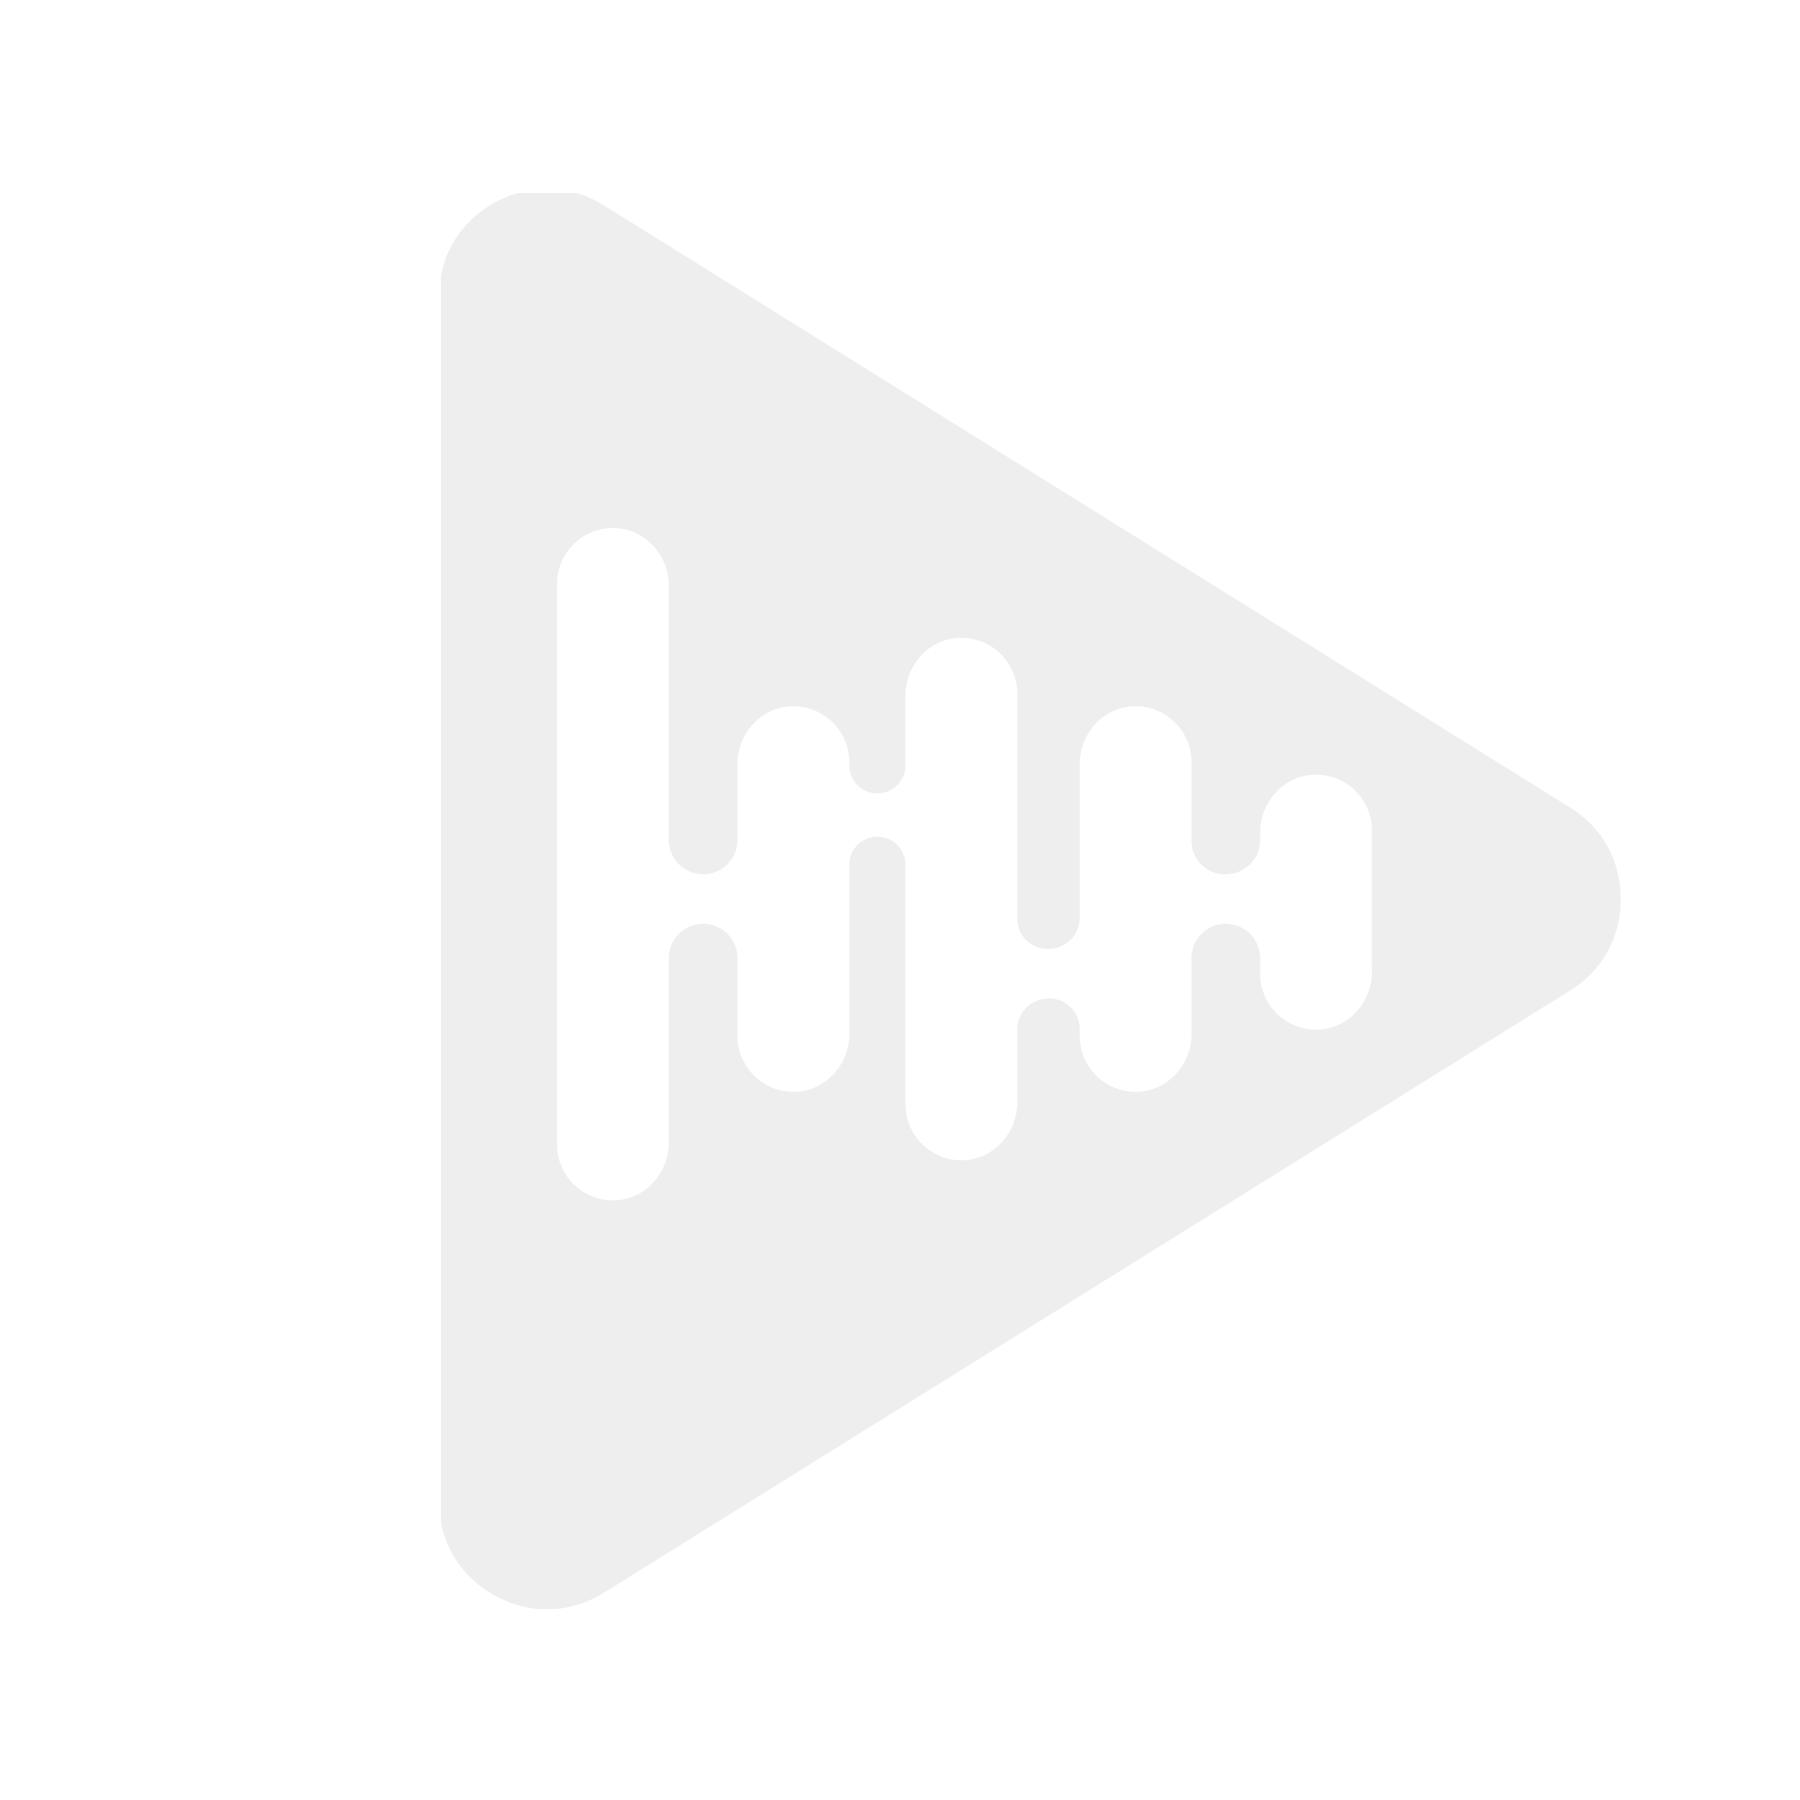 Scosche SoundKase SKC144